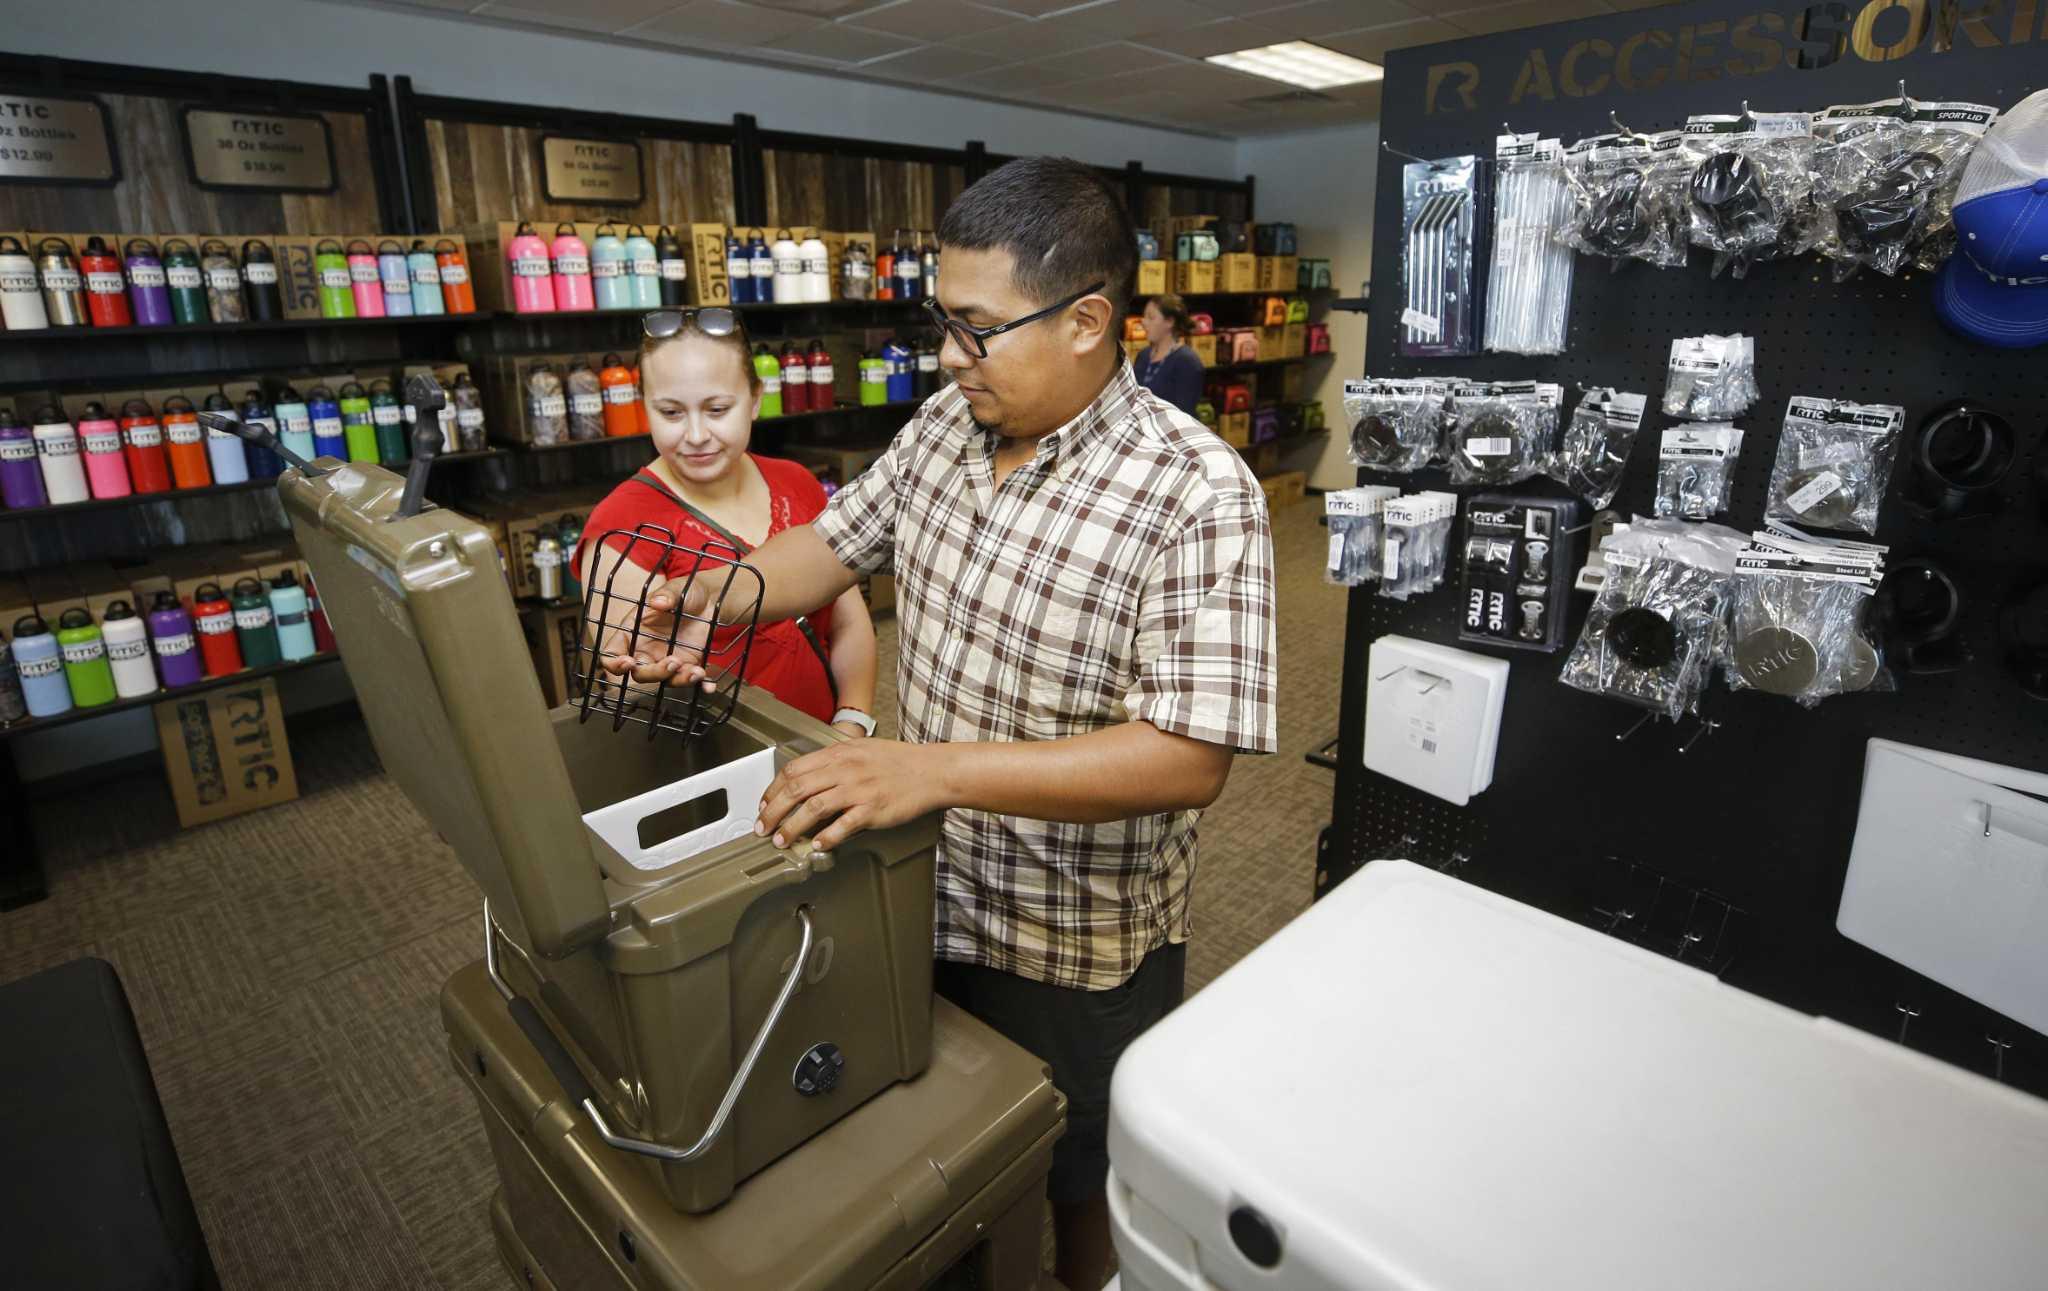 Debit is Preferred in U.S. in Stores, but Not Online